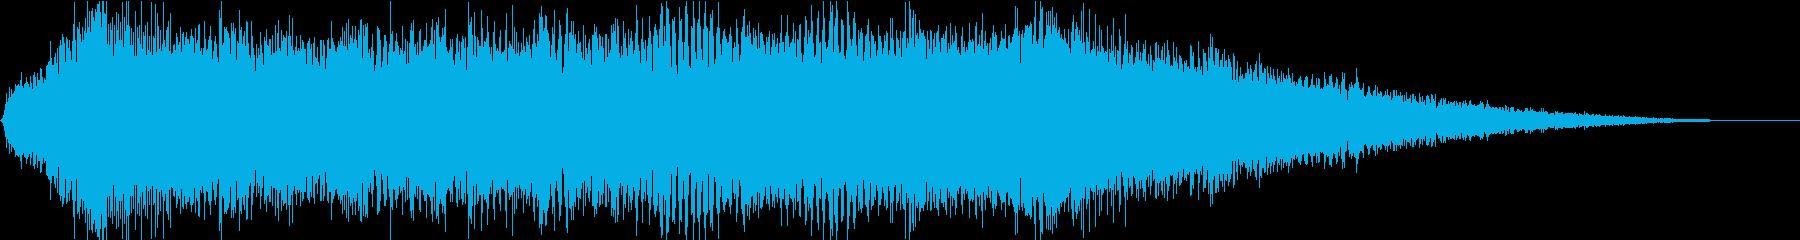 アニメで何かが誕生する?神々しい音の再生済みの波形